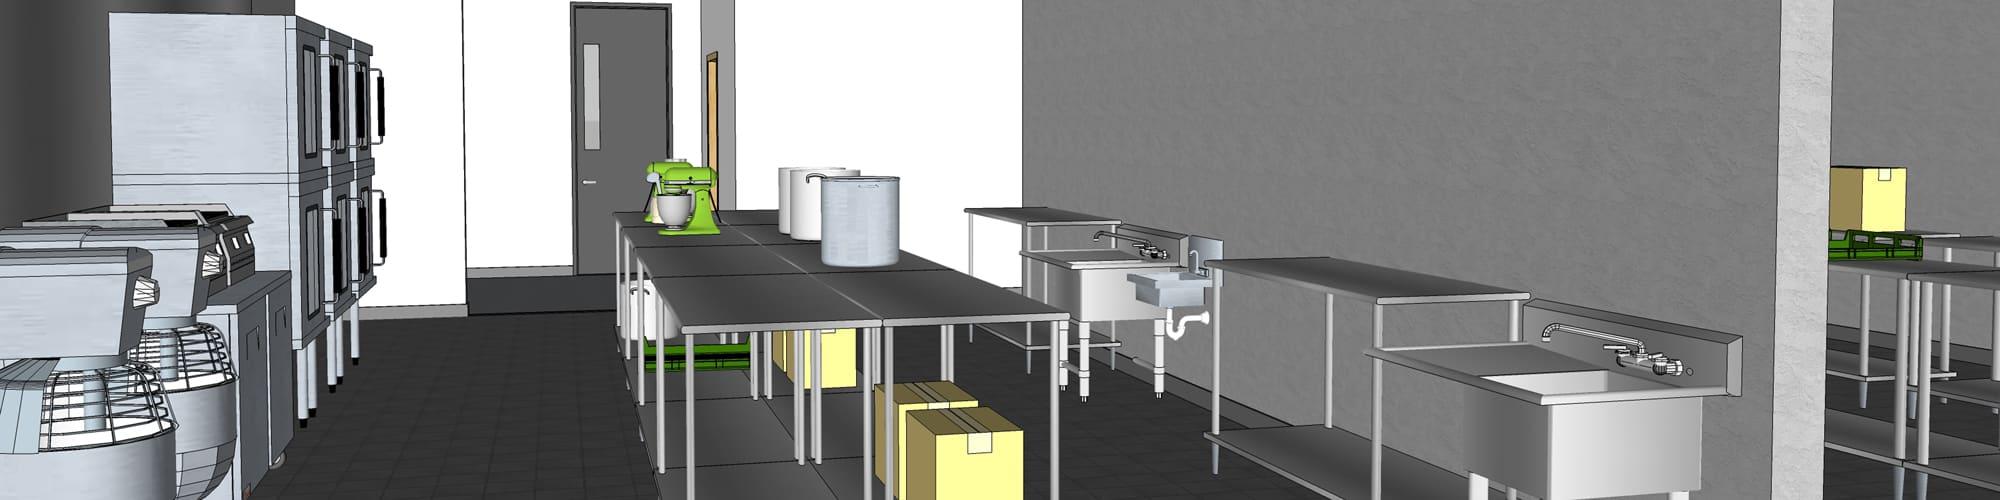 PrepATX Kitchen